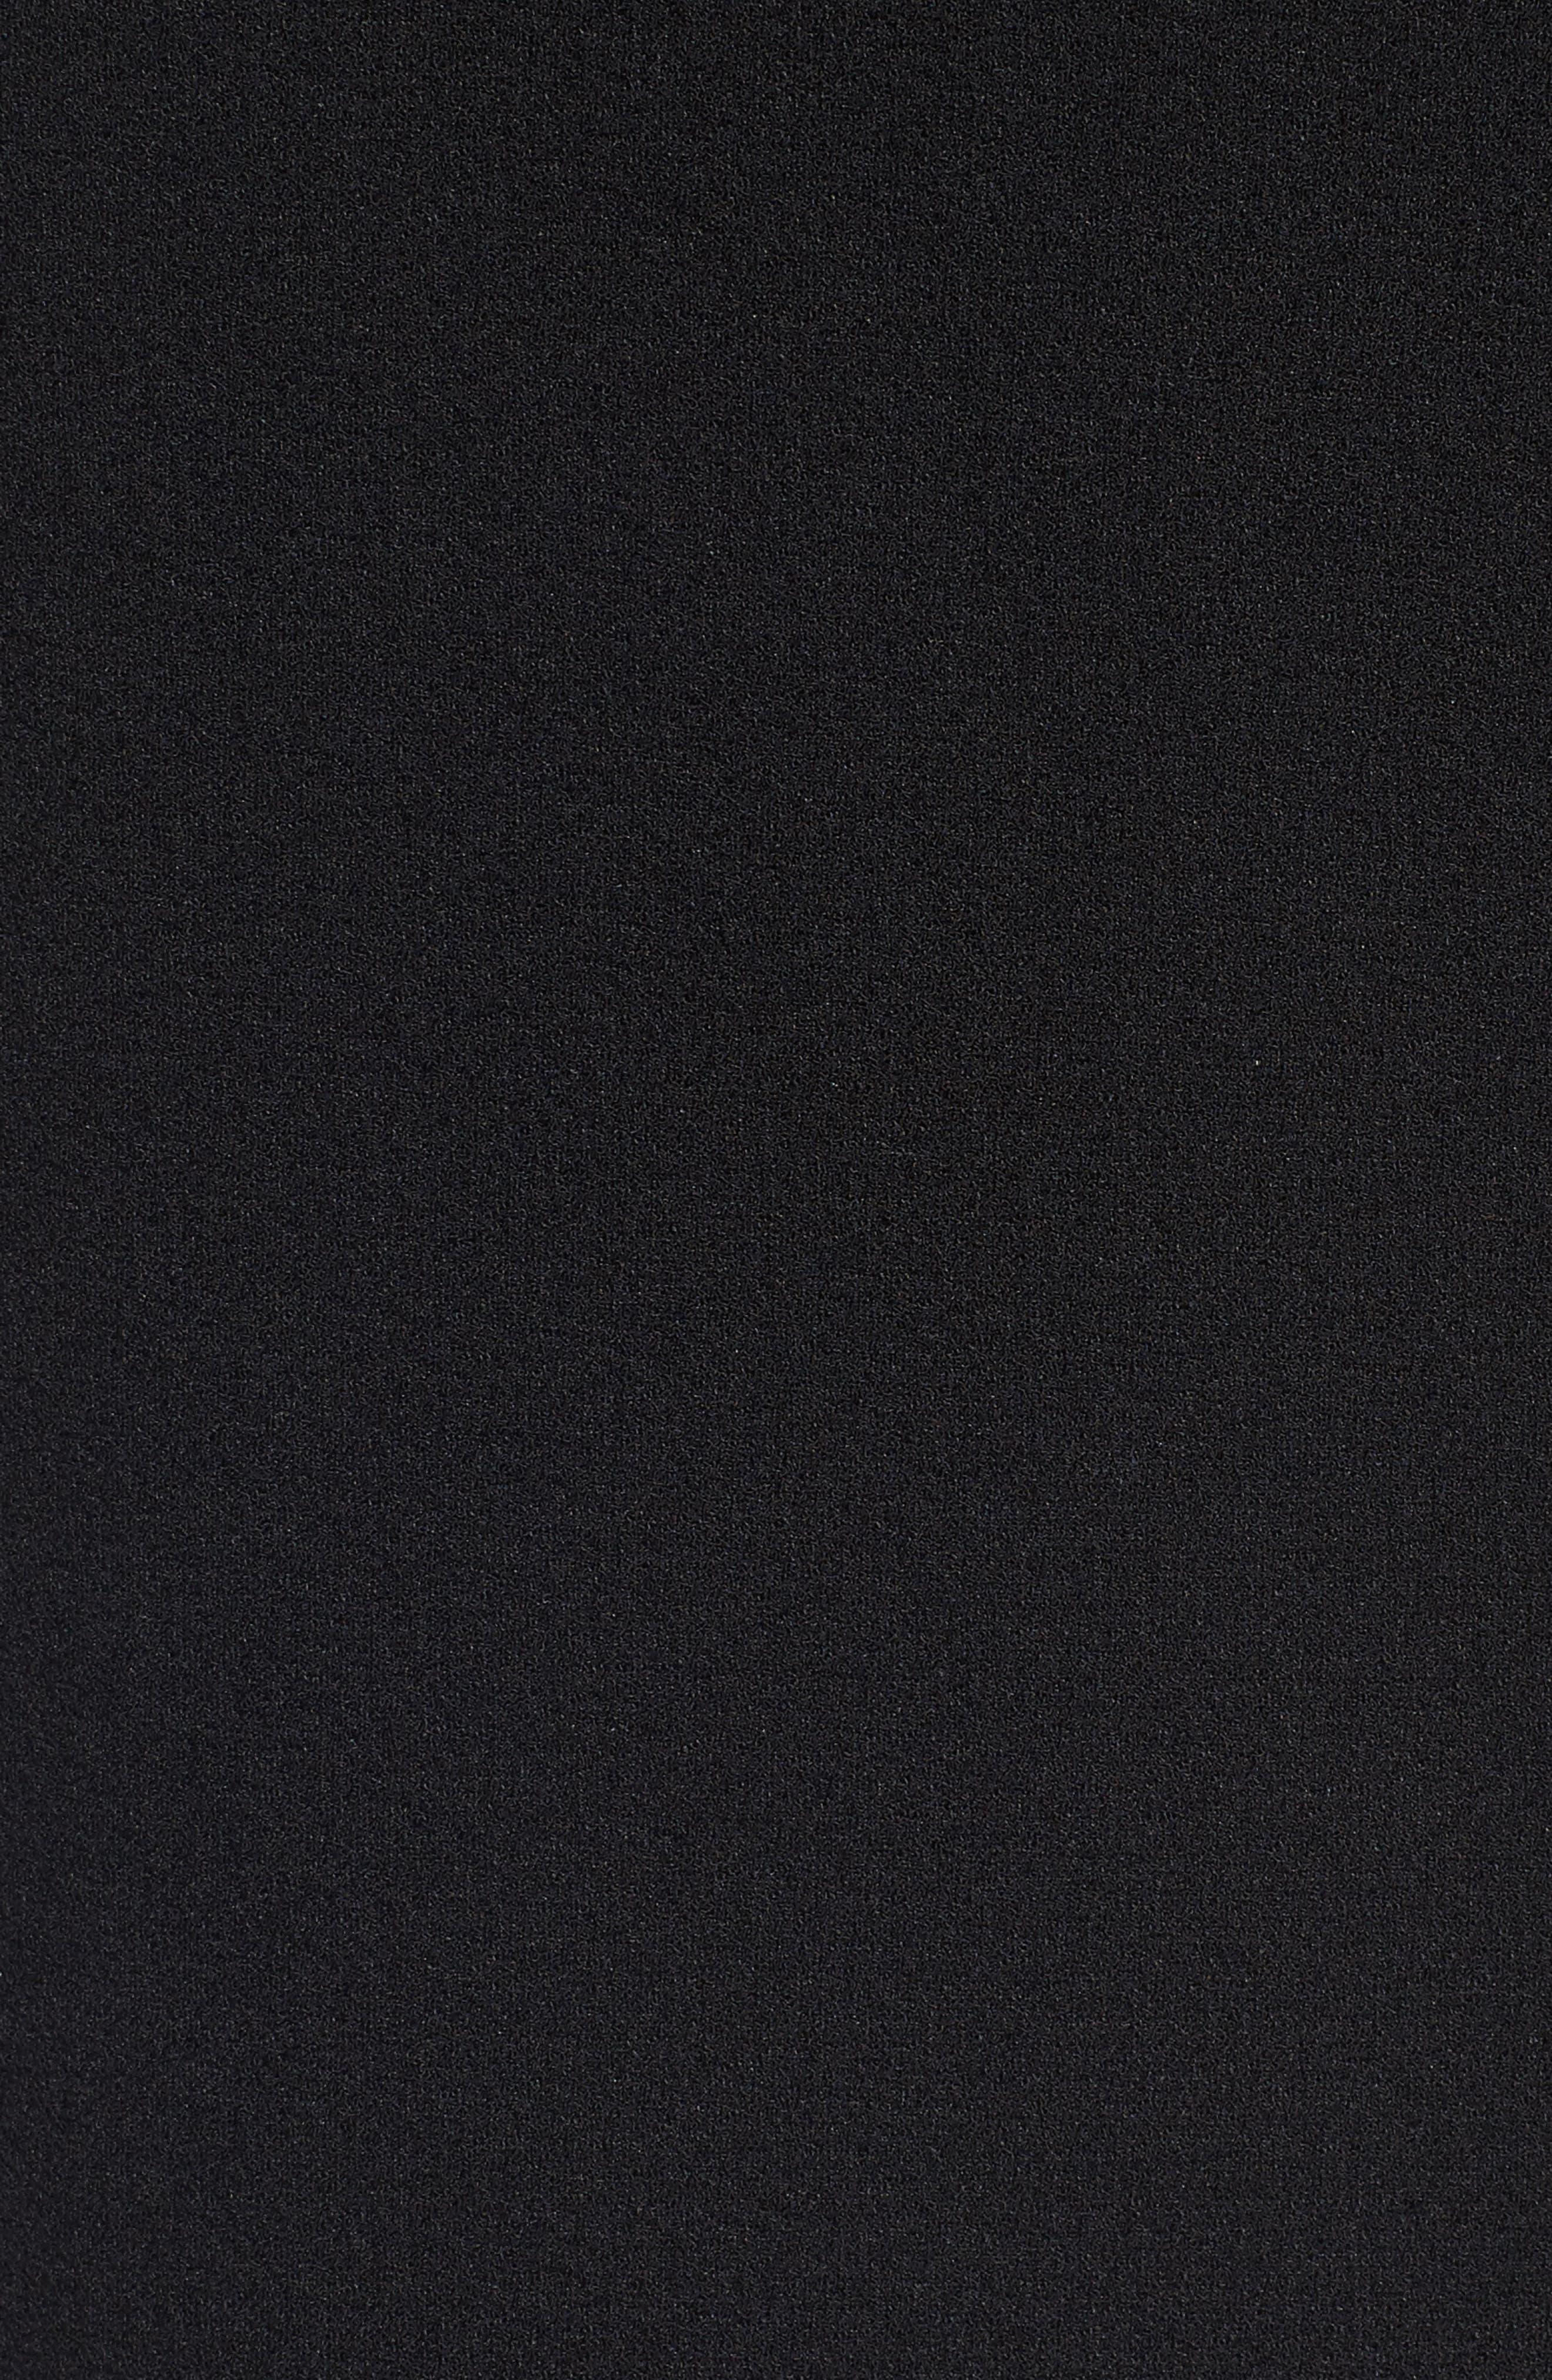 Darkest Light Duster,                             Alternate thumbnail 6, color,                             001